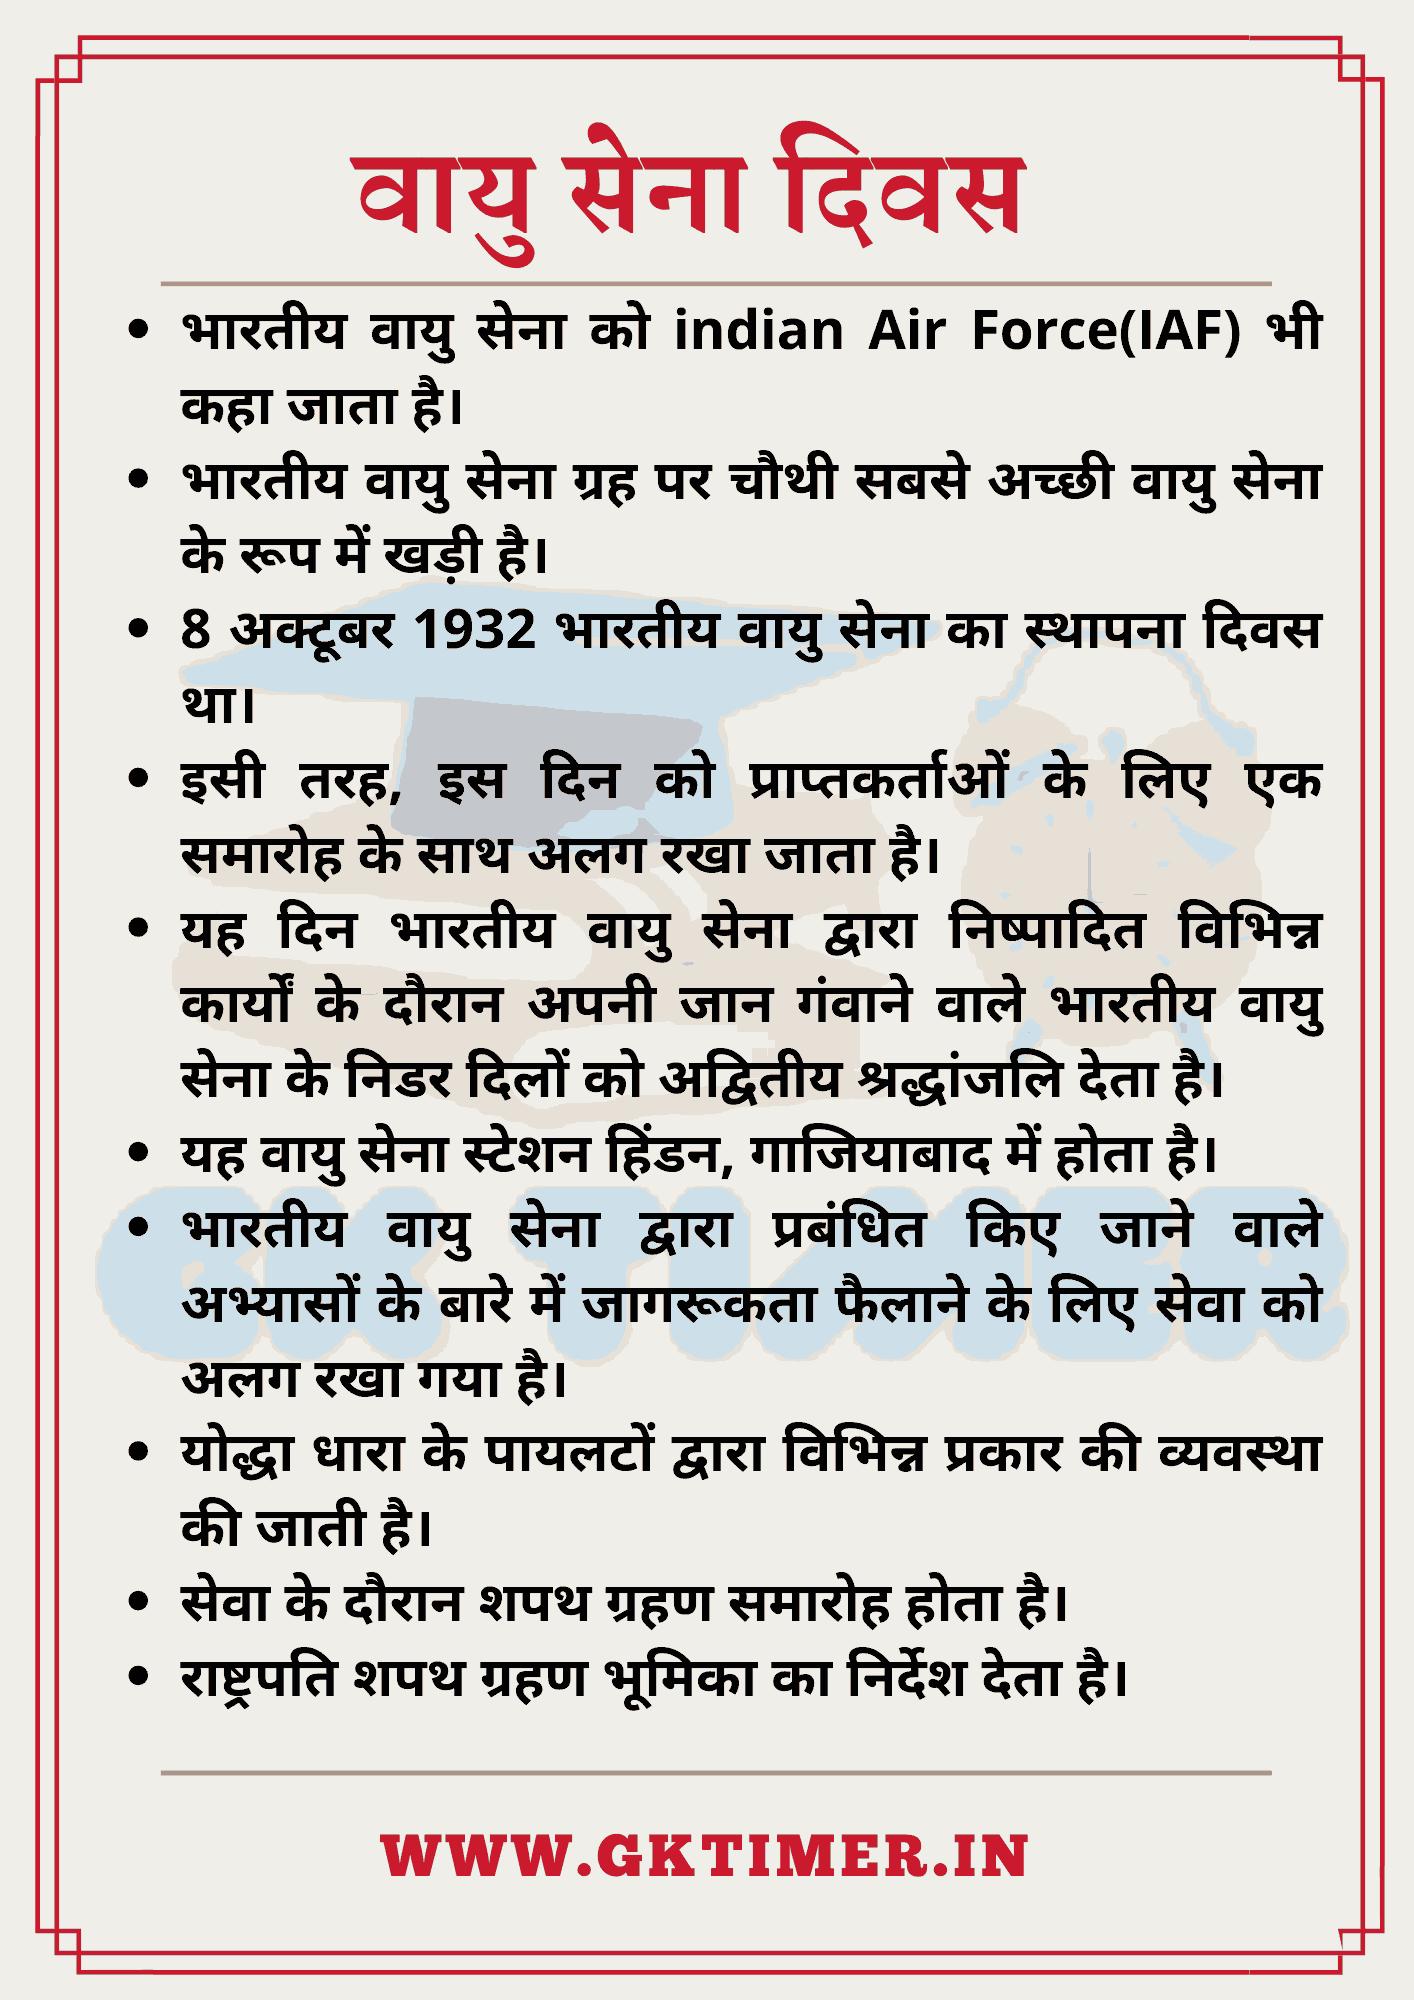 वायु सेना दिवस पर निबंध | Essay on Air Force Day in Hindi | 10 Lines on Air Force Day in Hindi